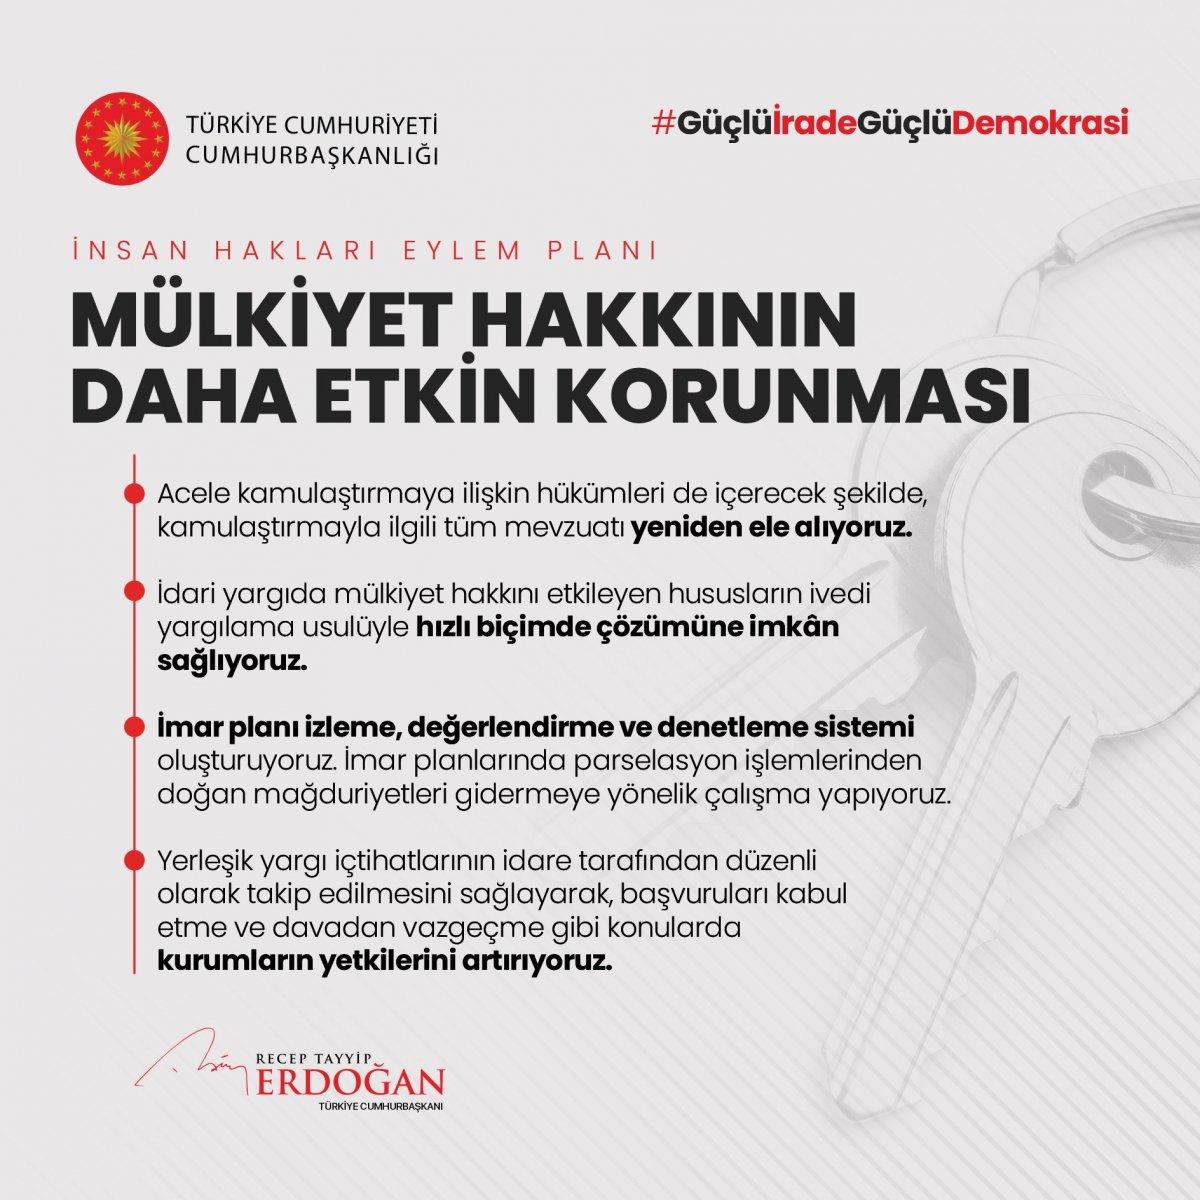 Erdoğan, İnsan Hakları Eylem Planı'nın 11 ilkesini açıkladı #7